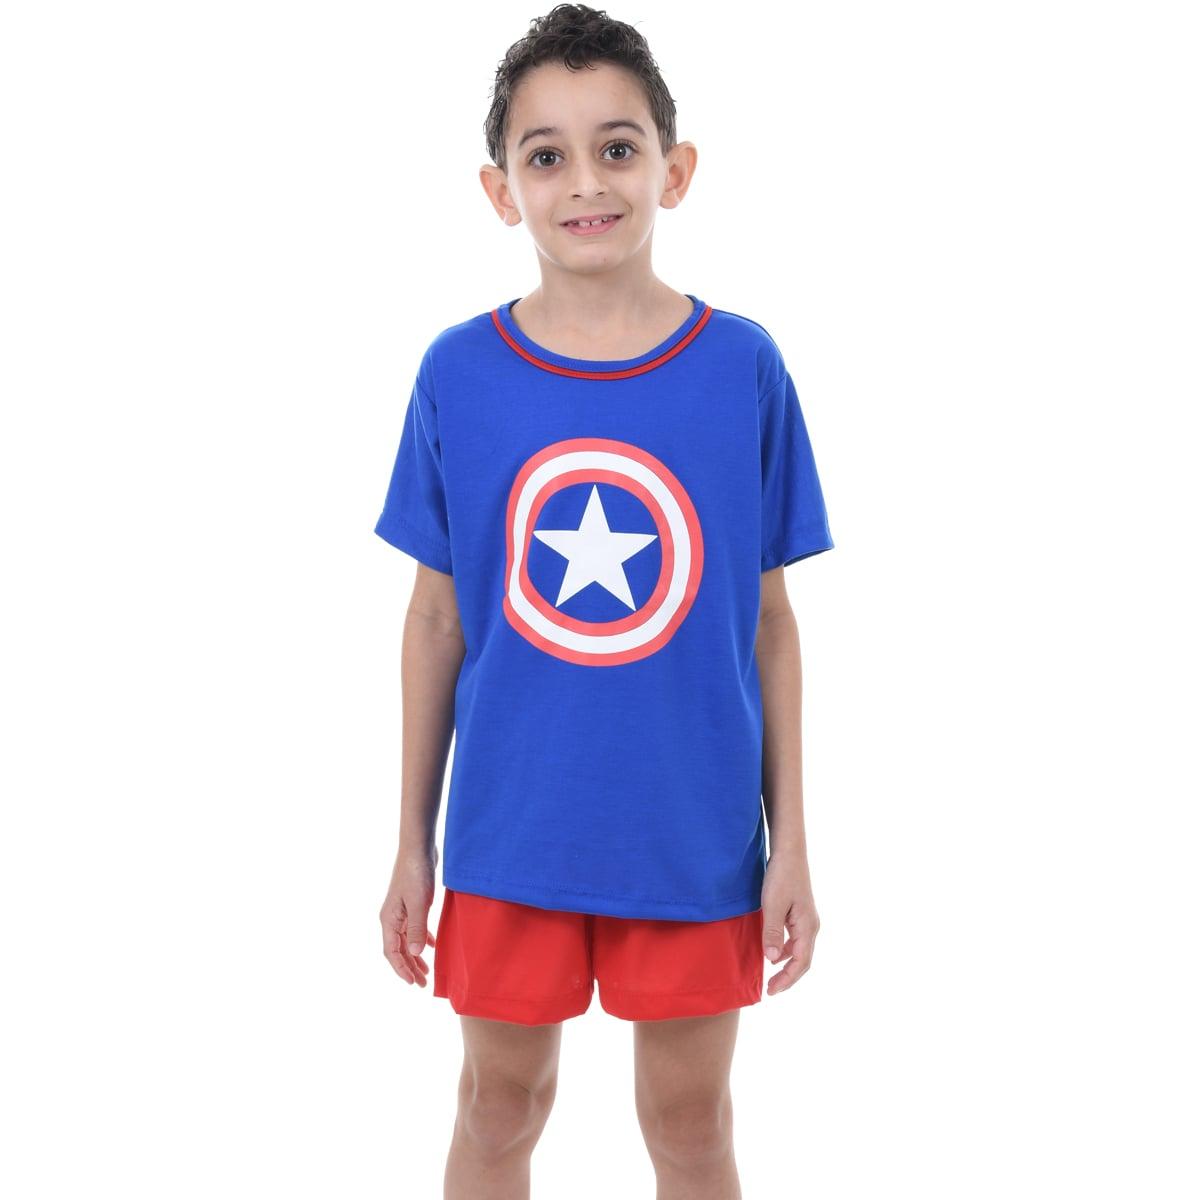 Pijama Meia Manga Short Masculino Infantil Menino Capitão América Vingadores Ref 348